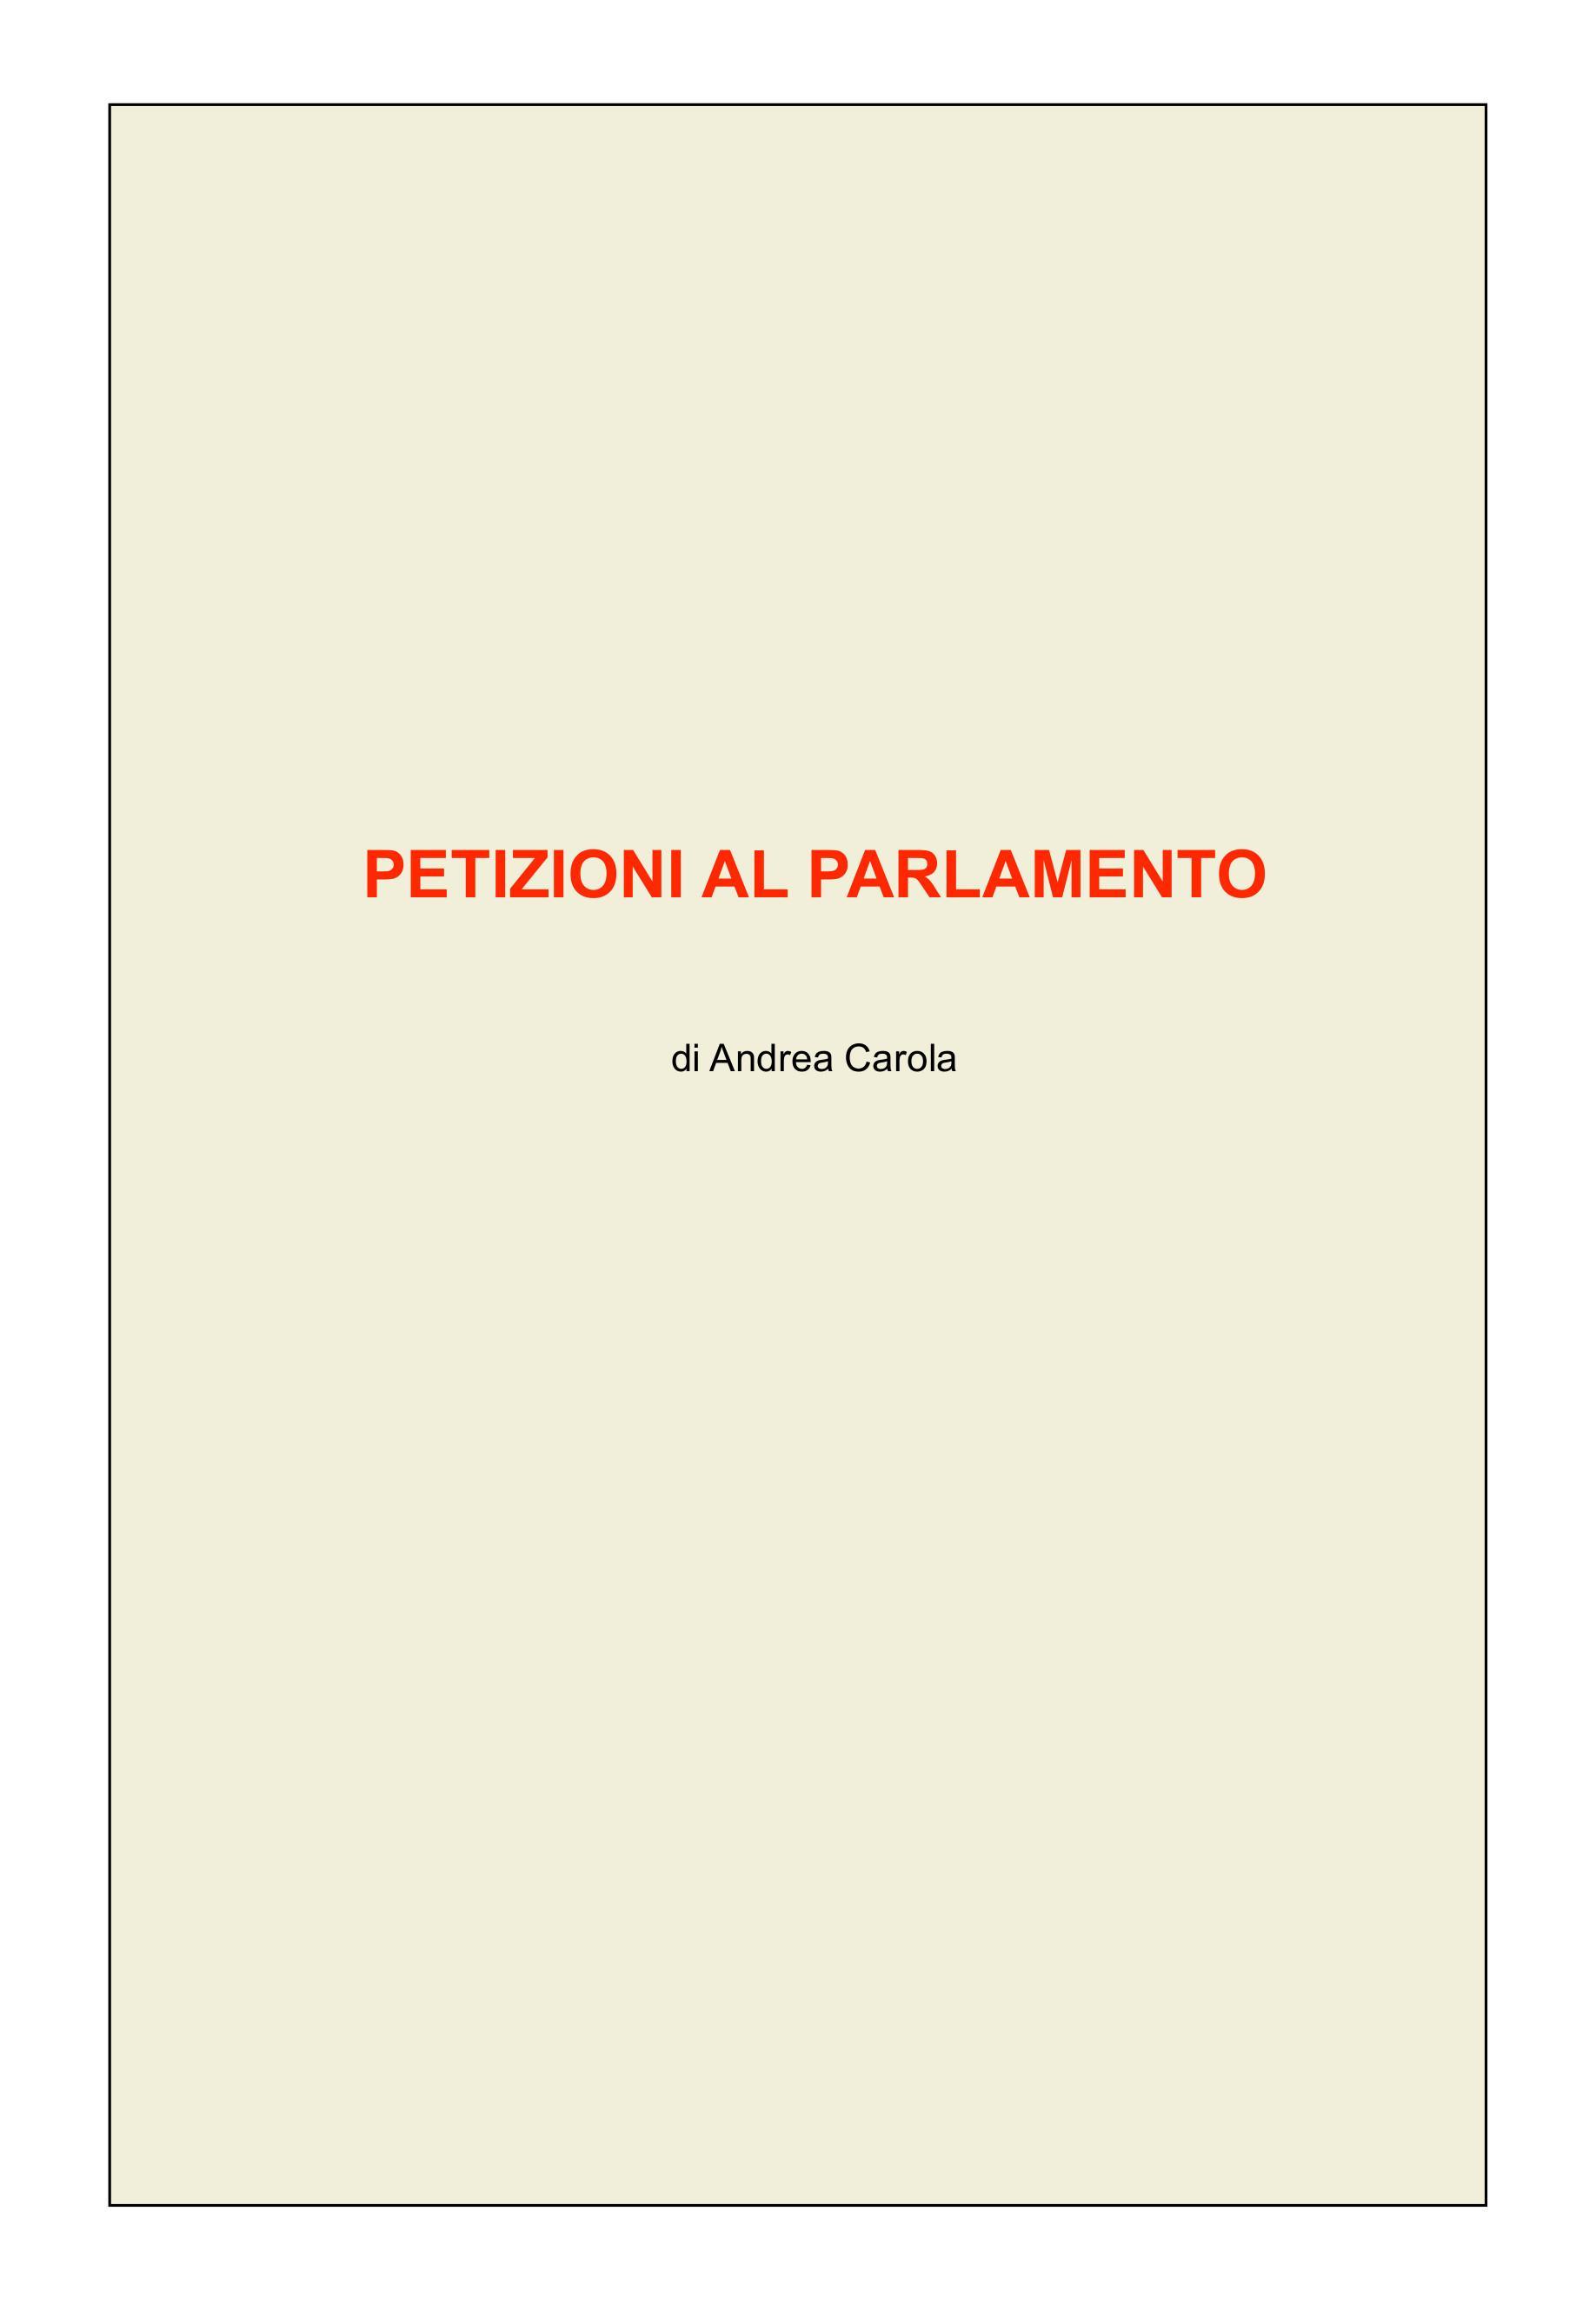 Petizioni al Parlamento